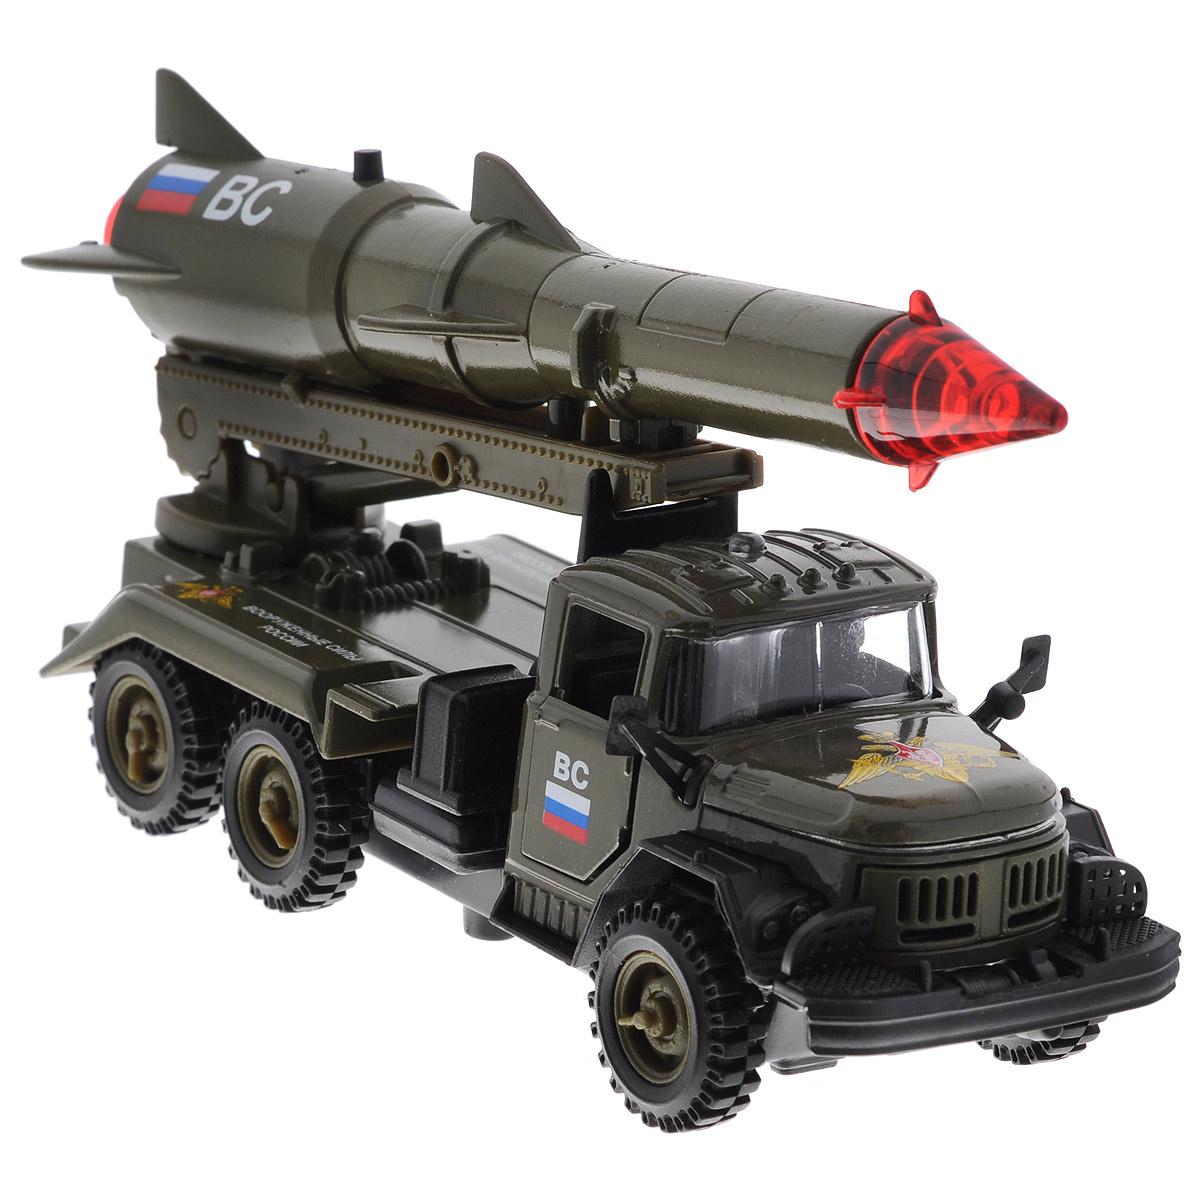 """Инерционная машинка ТехноПарк """"ЗИЛ 131 с ракетой"""", выполненная из пластика и металла, станет любимой игрушкой вашего малыша. Игрушка представляет собой модель военного автомобиля ЗИЛ 131, оснащенную подвижной пусковой установкой с ракетой. Дверцы кабины и капот открываются. При нажатии кнопки на ракете боеголовка начинает мигать, при этом слышны звуки стрельбы и команды военных. Игрушка оснащена инерционным ходом. Машинку необходимо отвести назад, затем отпустить - и она быстро поедет вперед. Прорезиненные колеса обеспечивают надежное сцепление с любой гладкой поверхностью. Ваш ребенок будет часами играть с этой машинкой, придумывая различные истории. Порадуйте его таким замечательным подарком! Машинка работает от батареек (товар комплектуется демонстрационными)."""